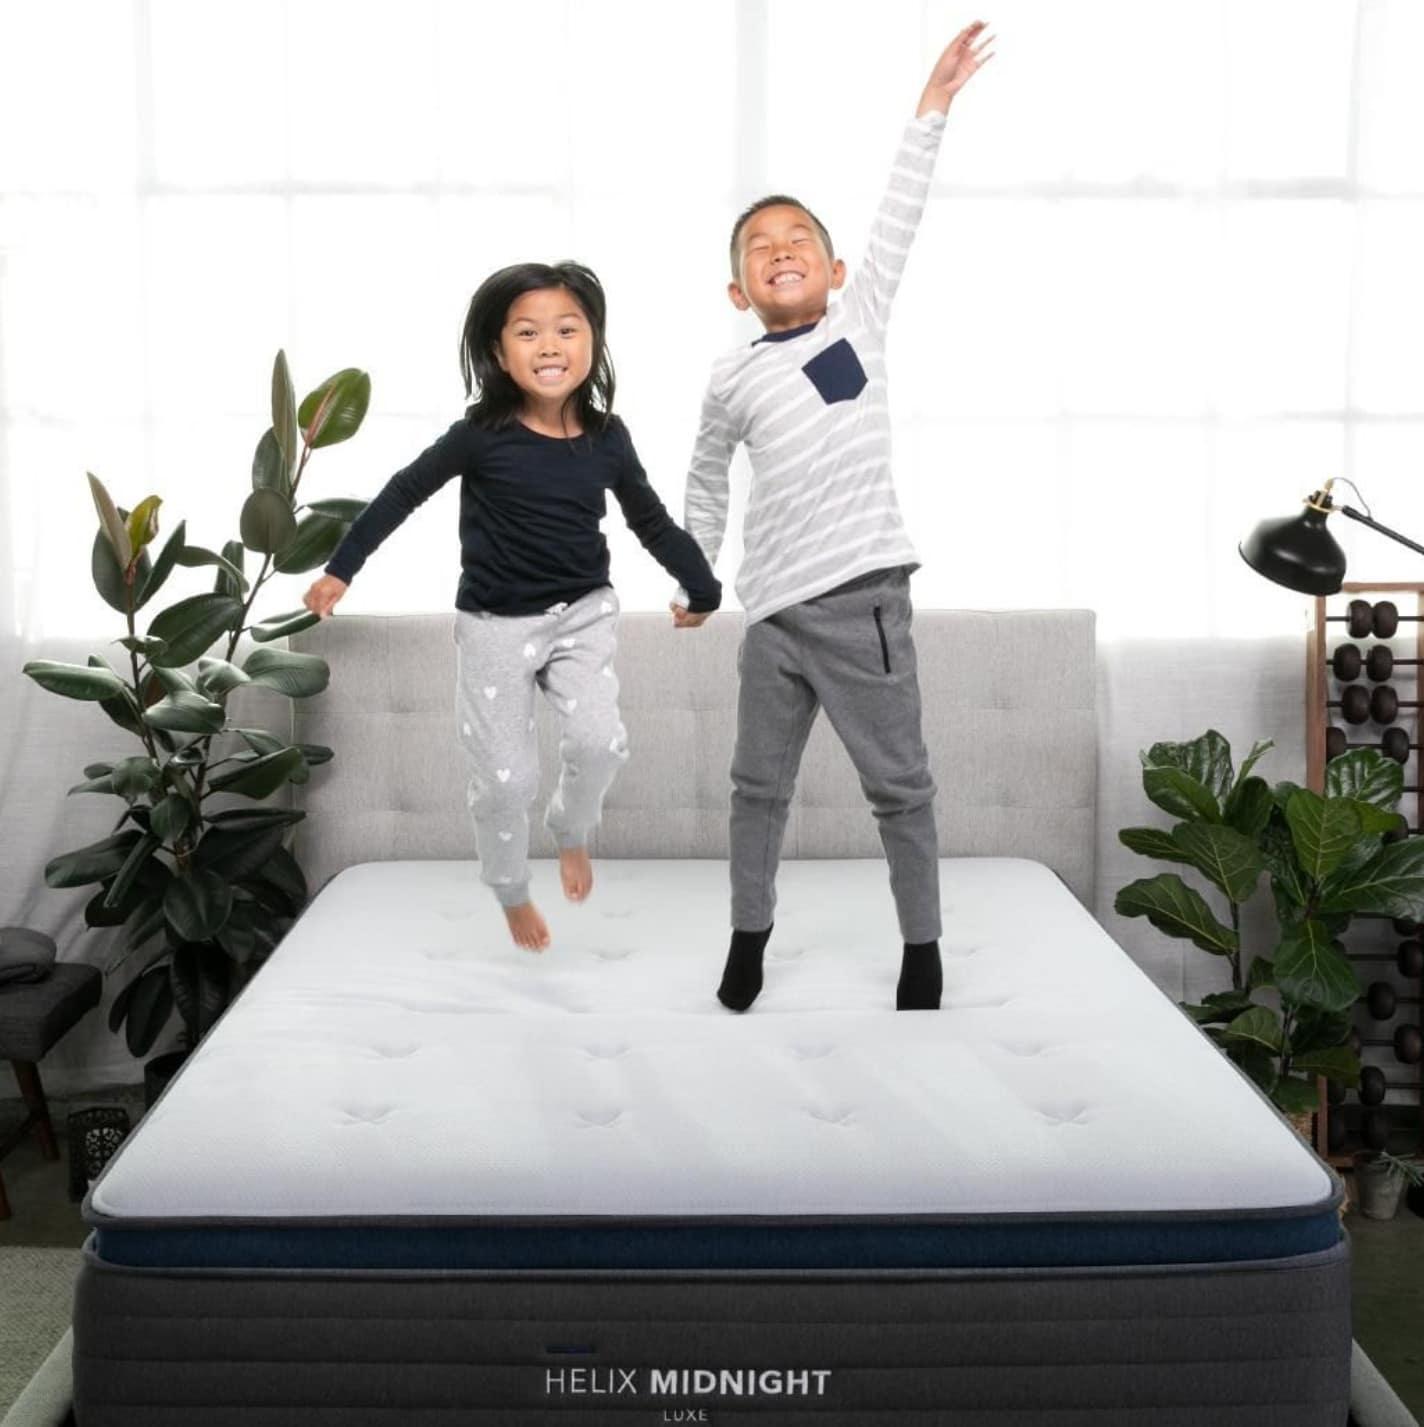 helix luxe best mattress